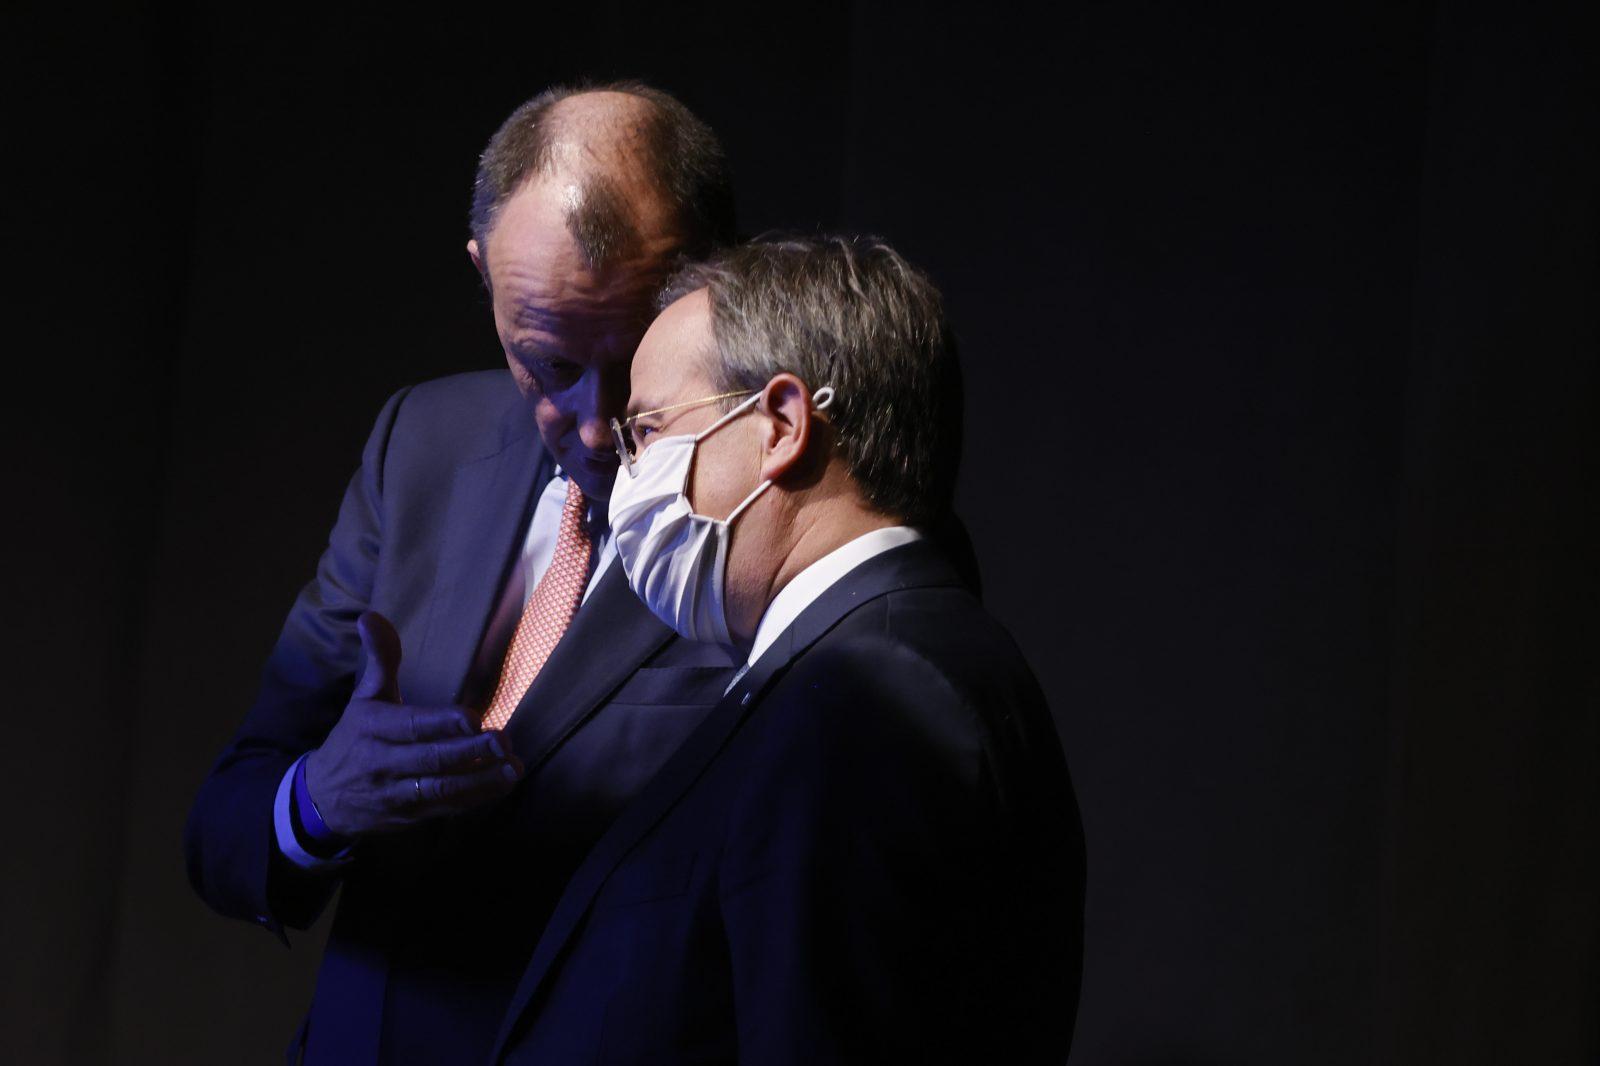 Kandidat des Establishments, Armin Laschet (vorne), mit dem Unterlegenen Friedrich Merz